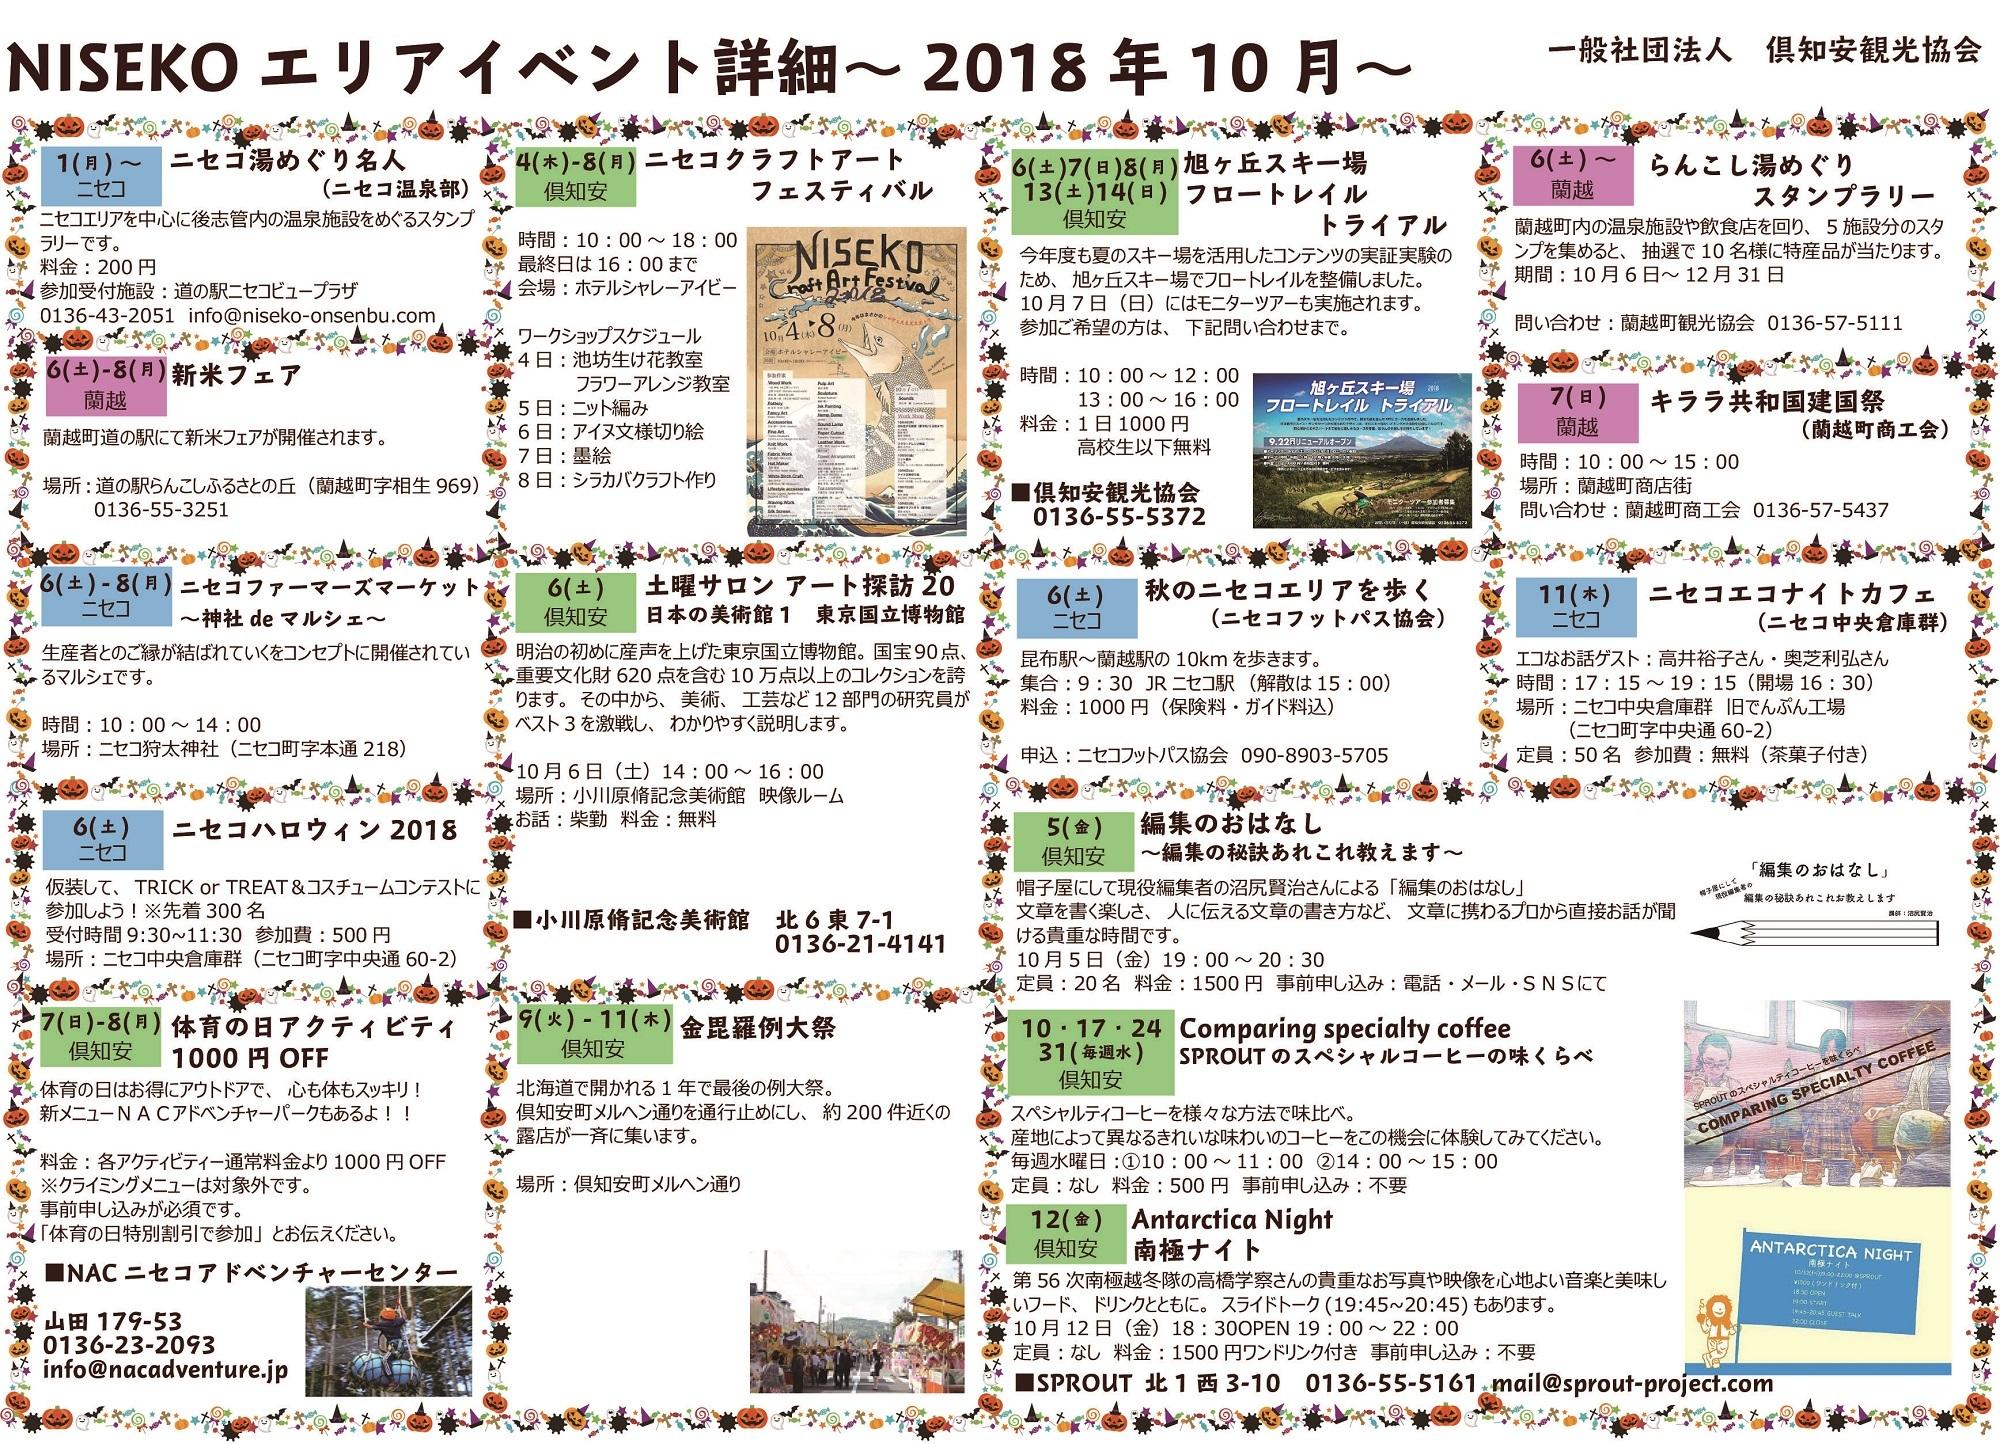 201810イベント詳細1